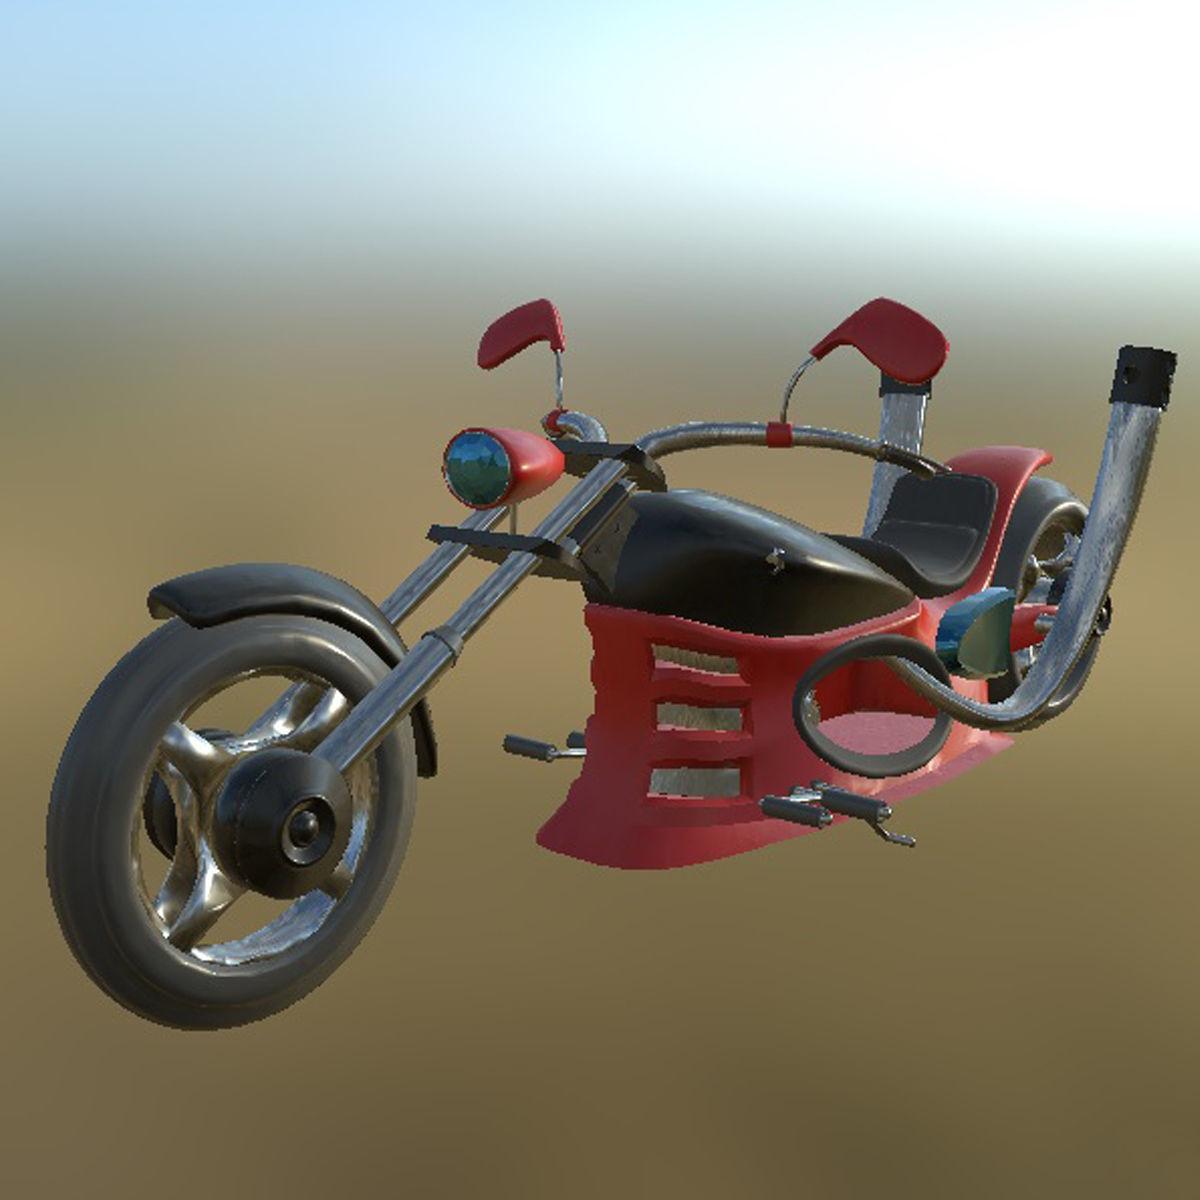 Chopper 02 PBR